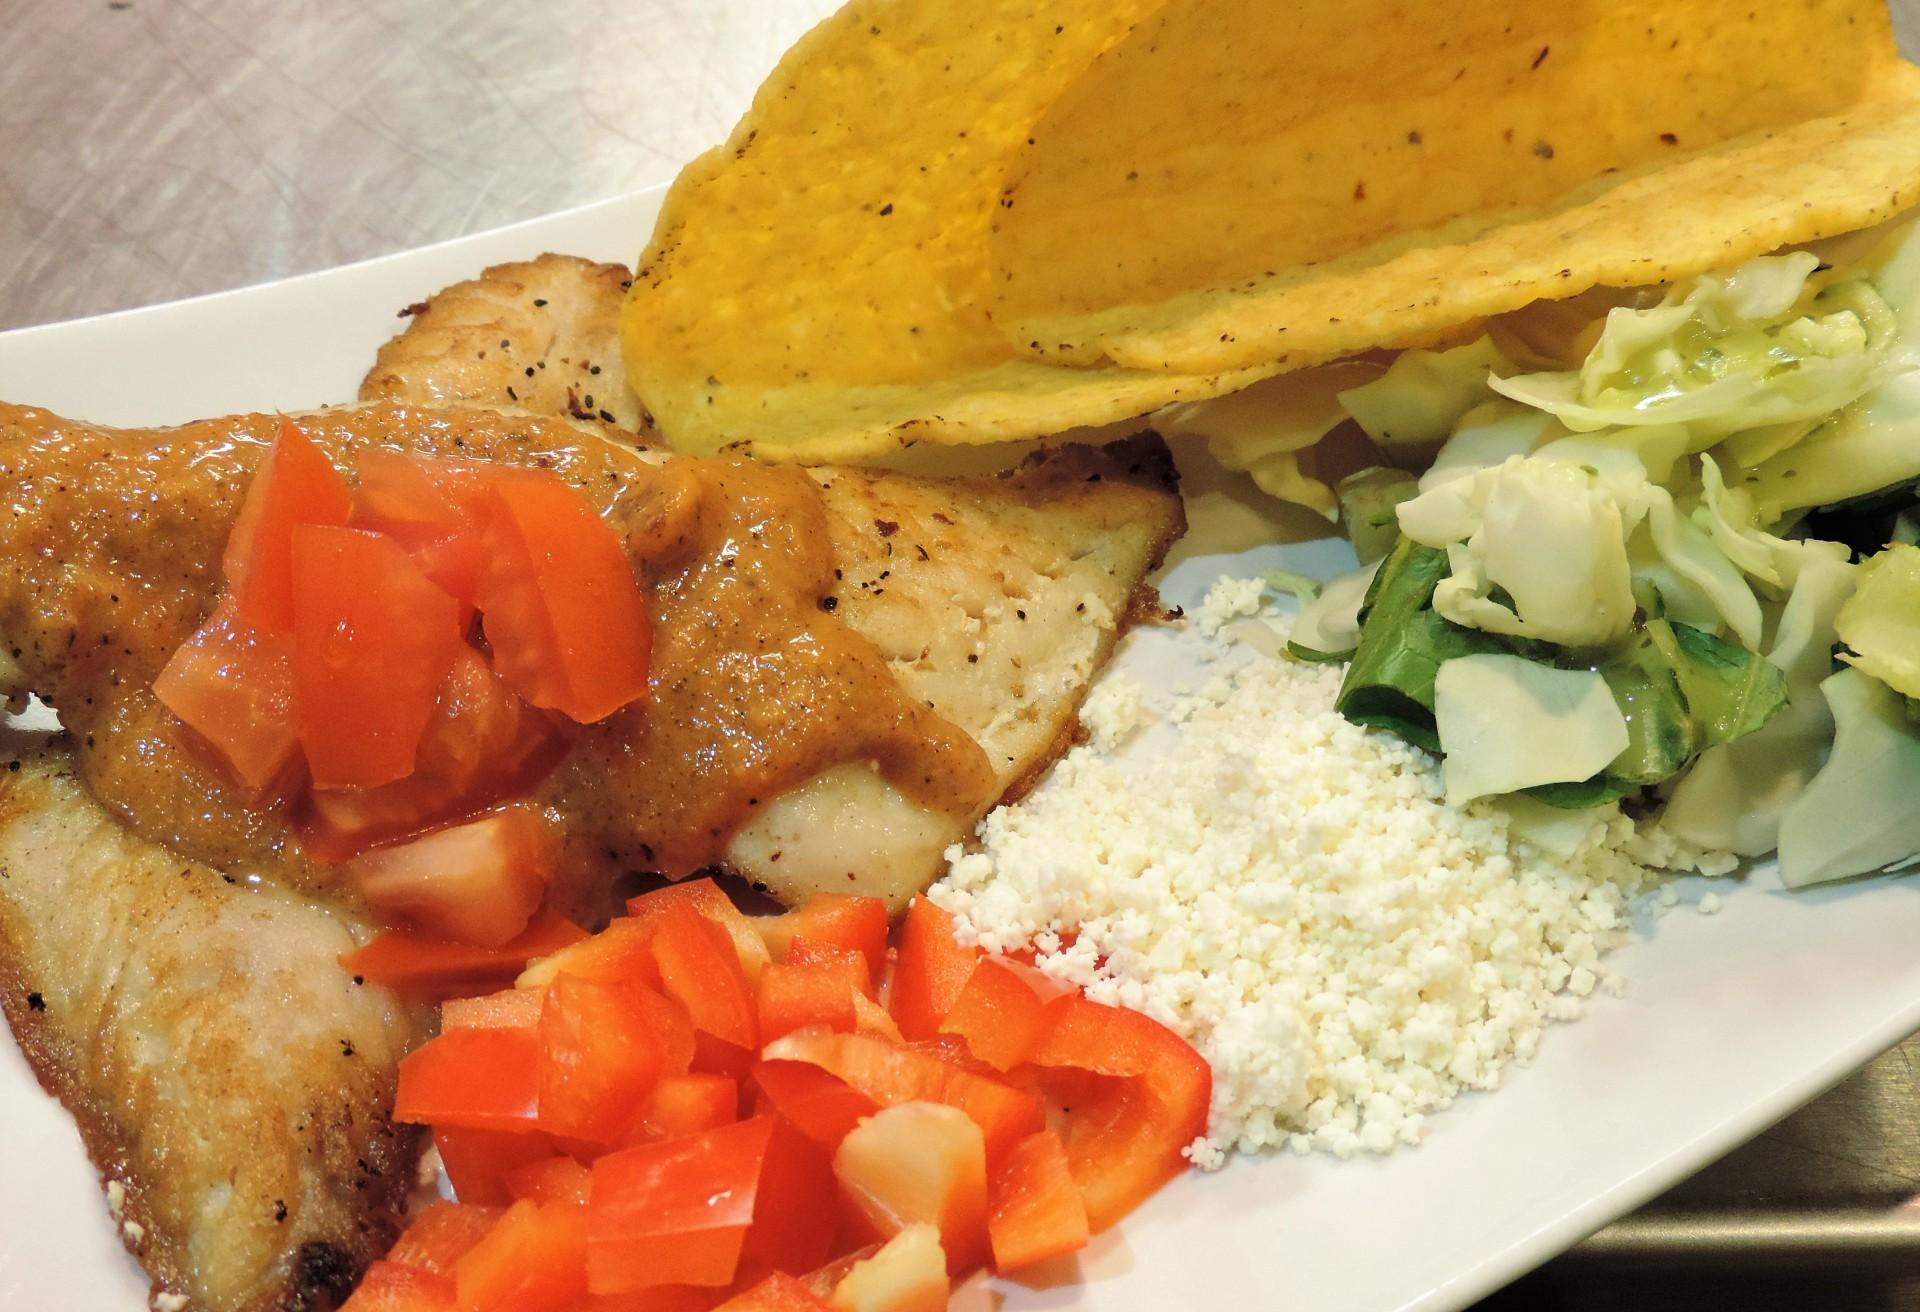 Plato's Fish Taco (Sandwich)